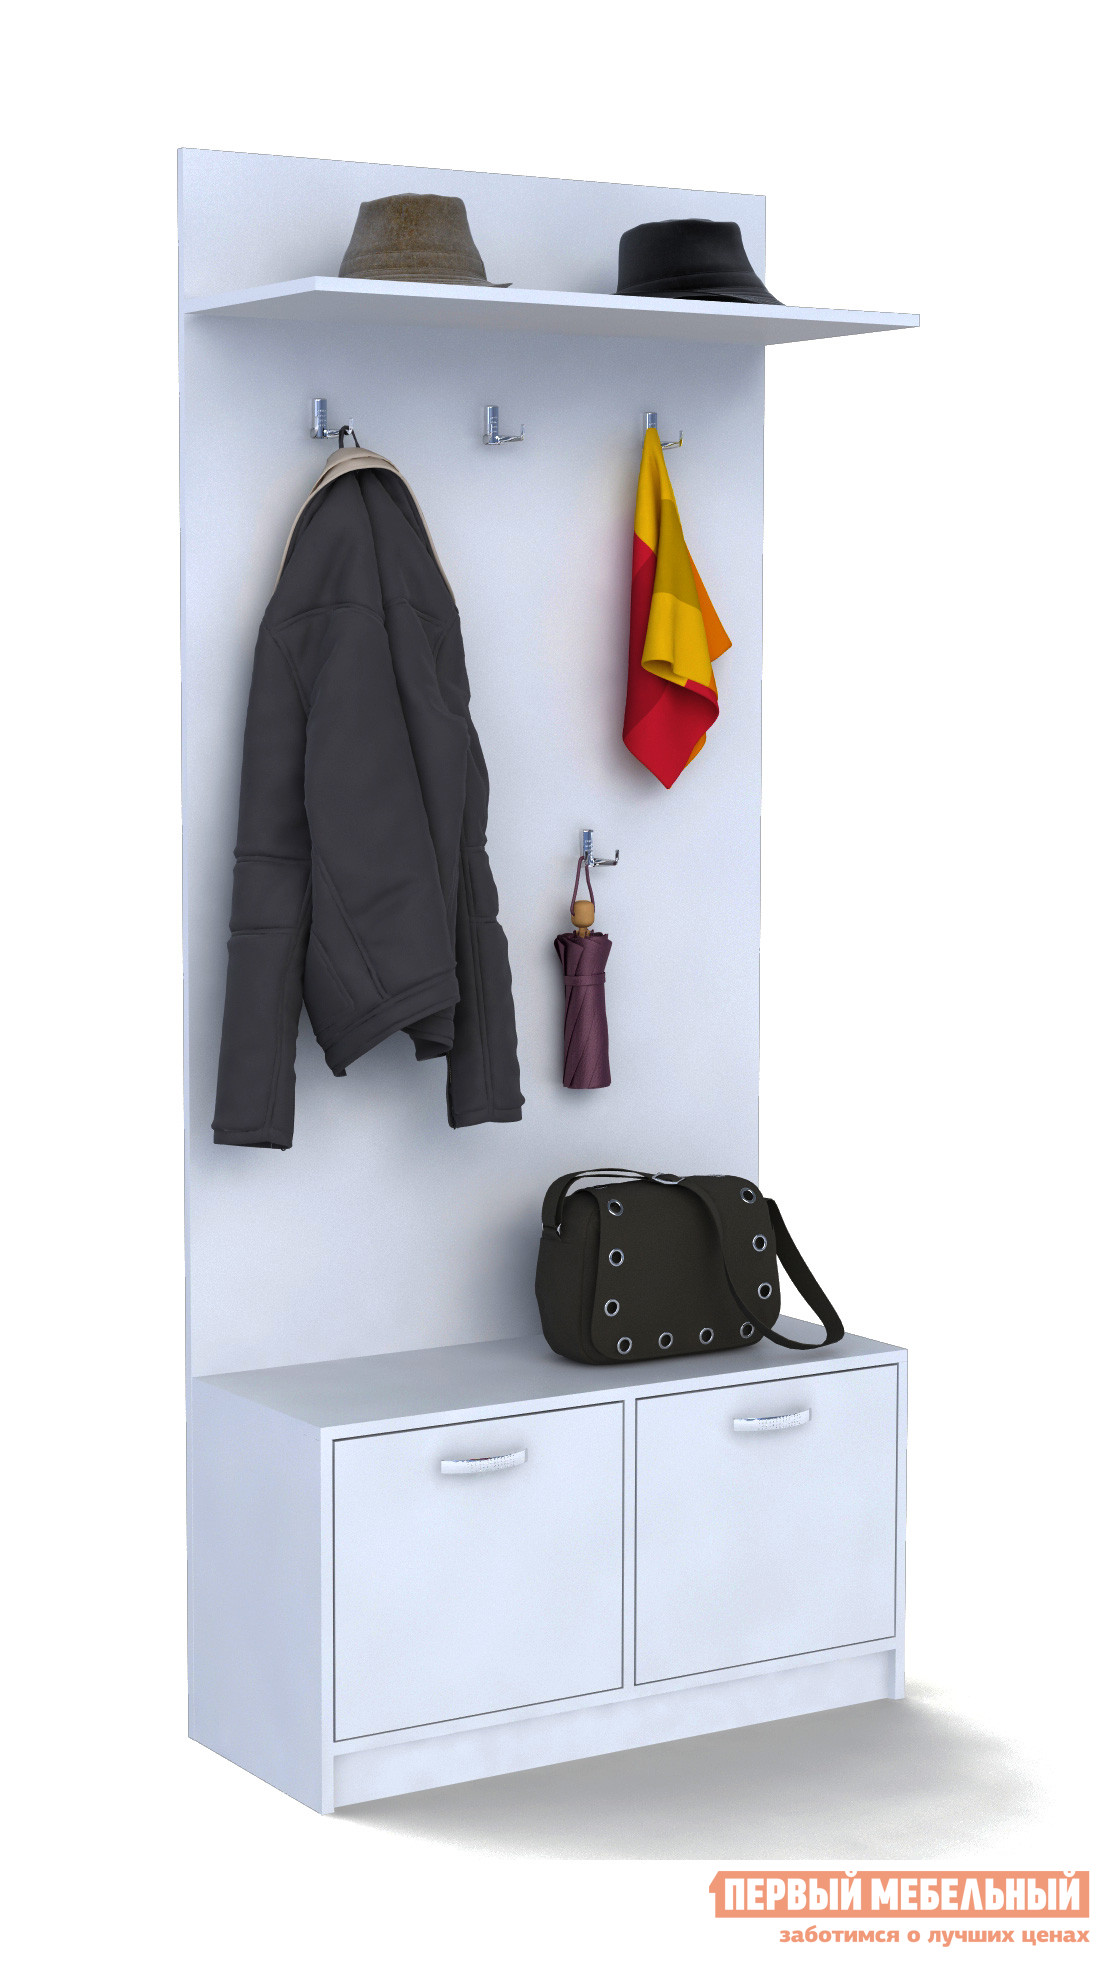 Малогабаритная прихожая для узкого коридора МФ Мастер Обувница с вешалкой (ОВ)